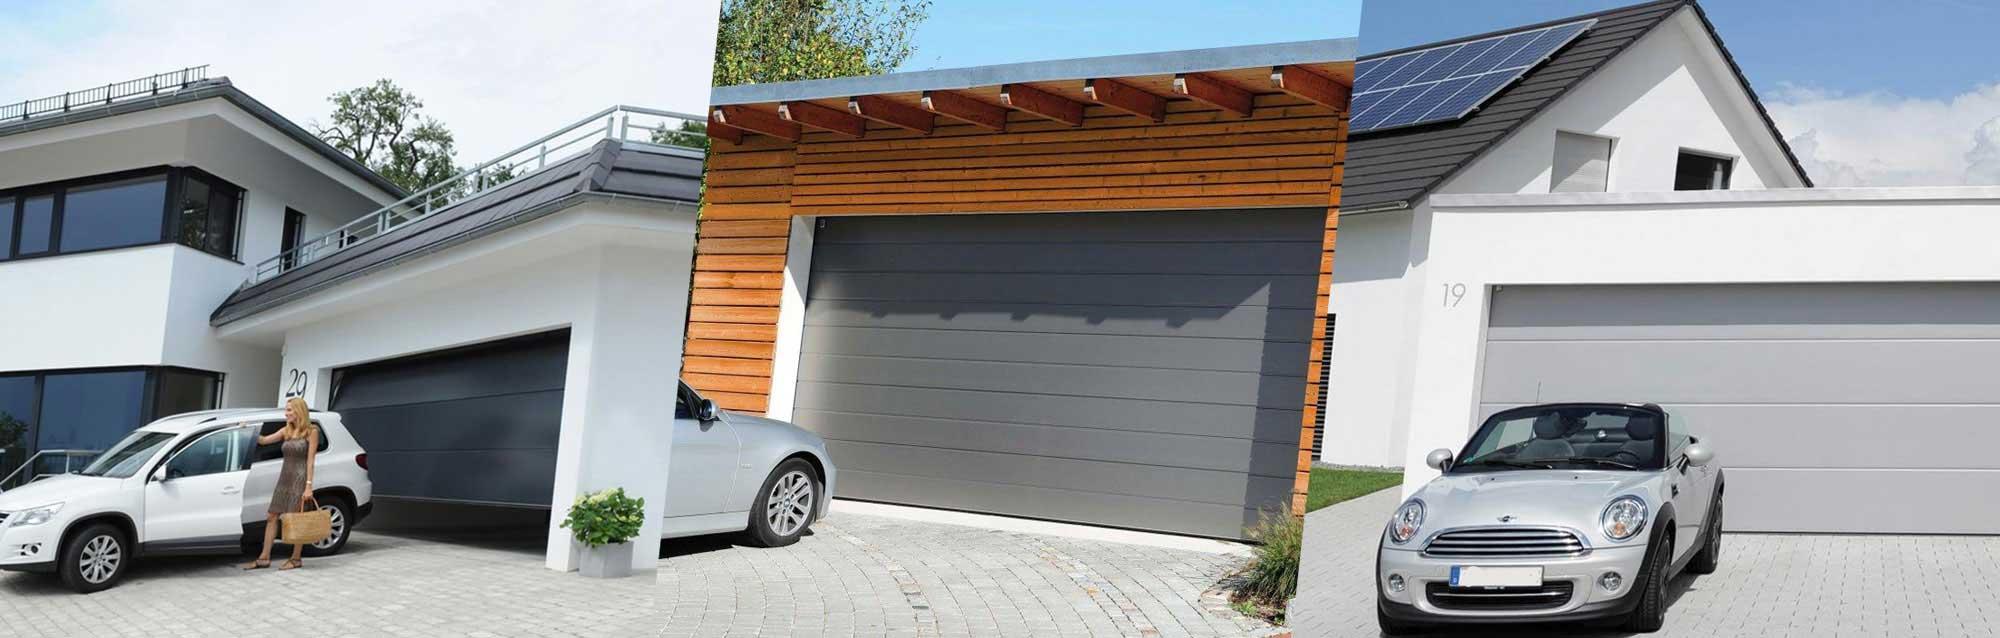 Garage Door Roller Shutter Garage Doors Sectional